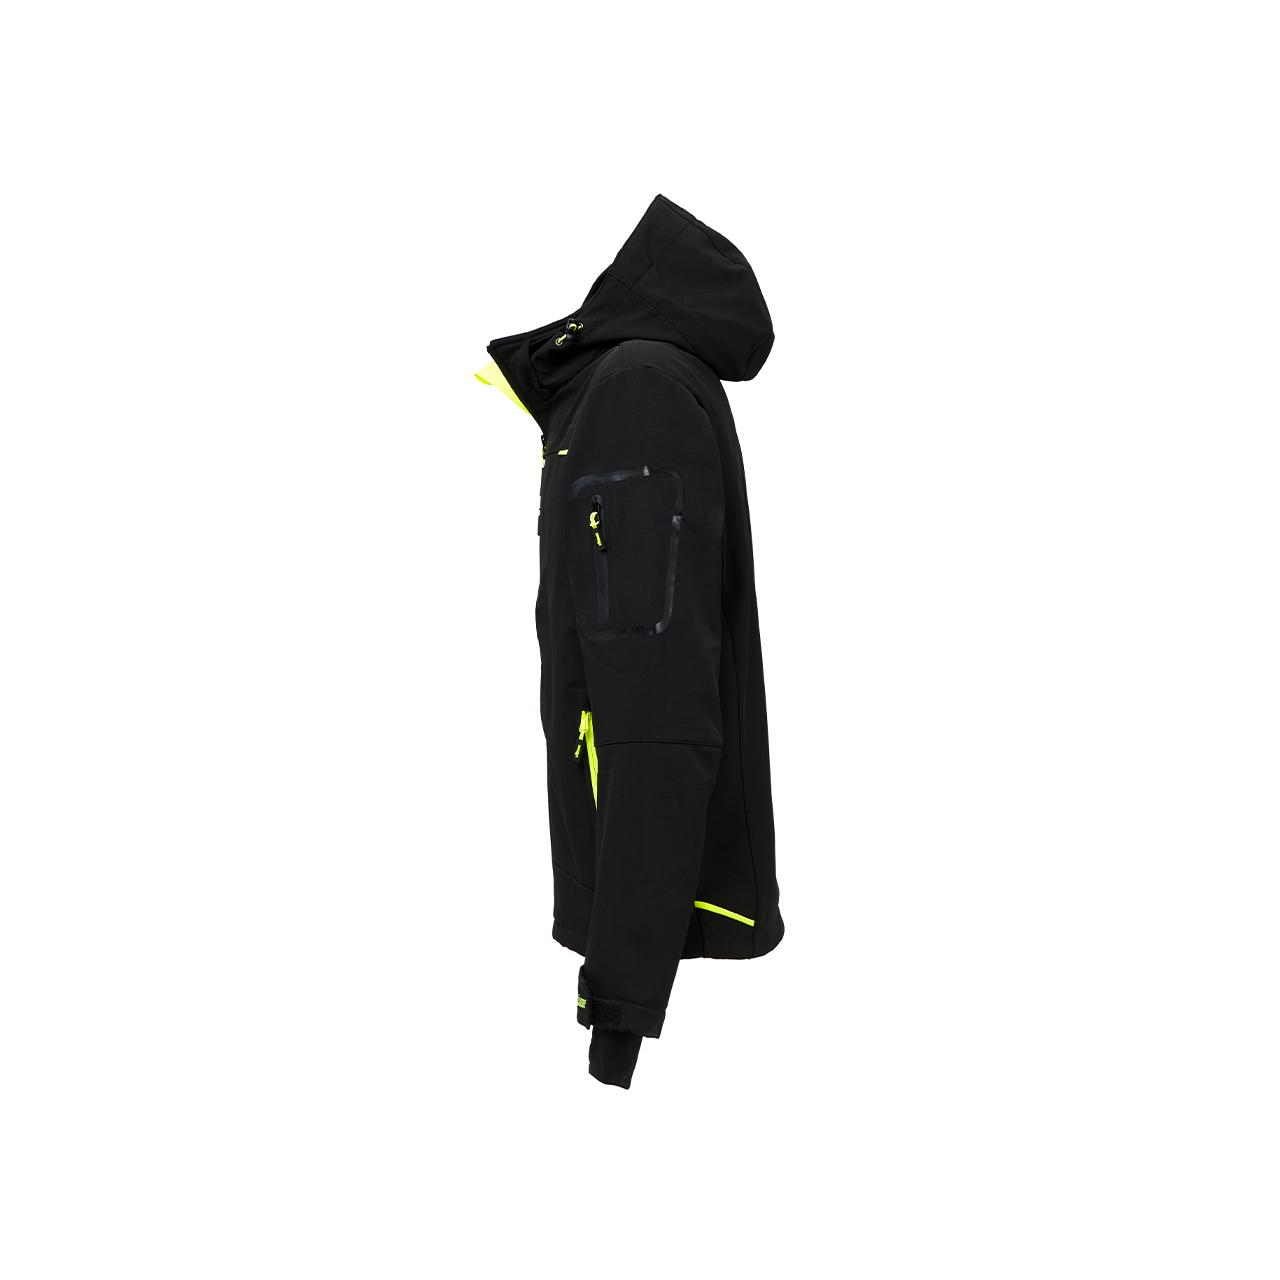 giacca da lavoro upower modello space colore black carbon